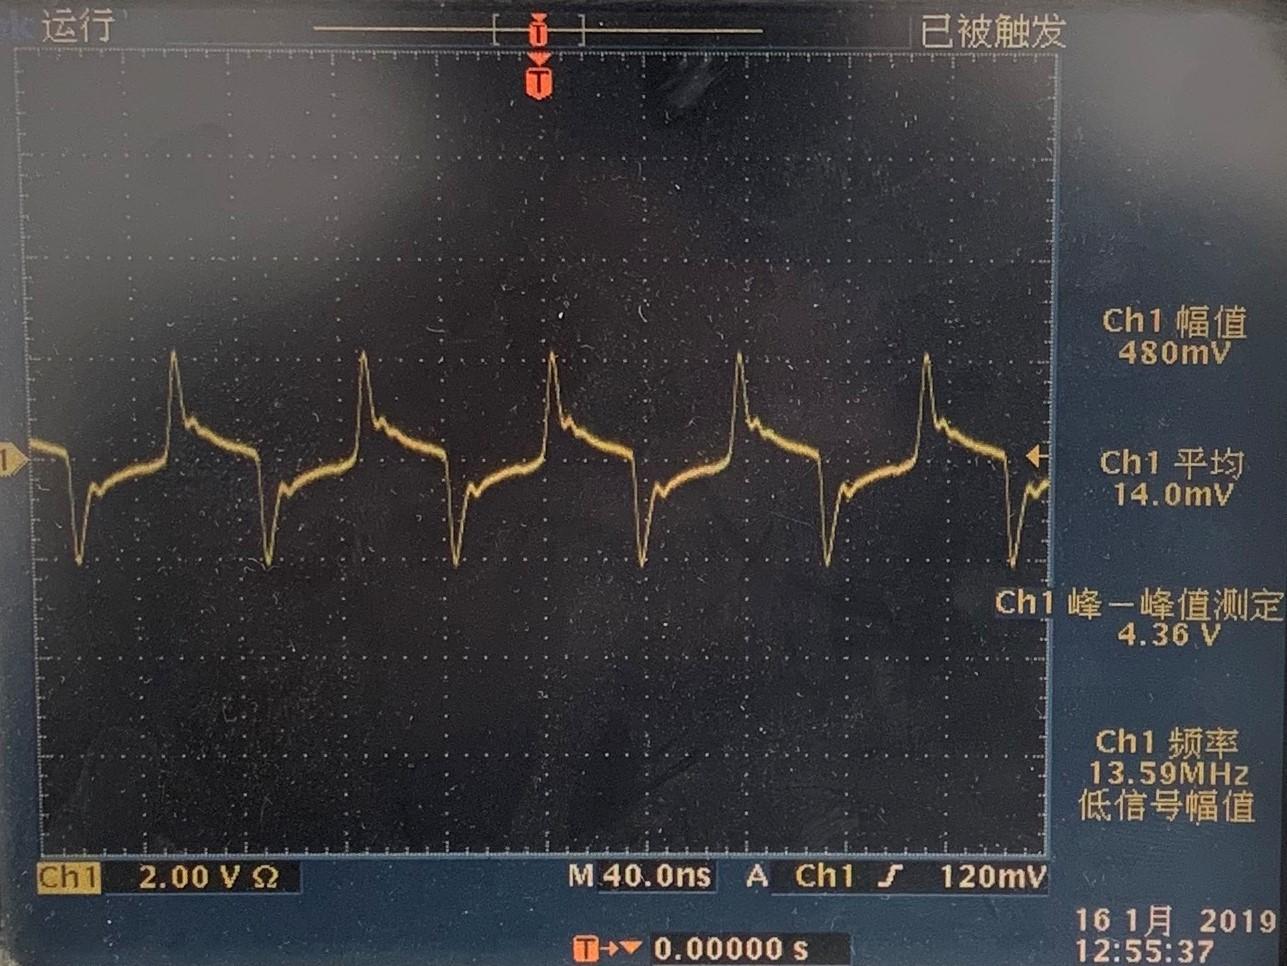 電感後端異常波形